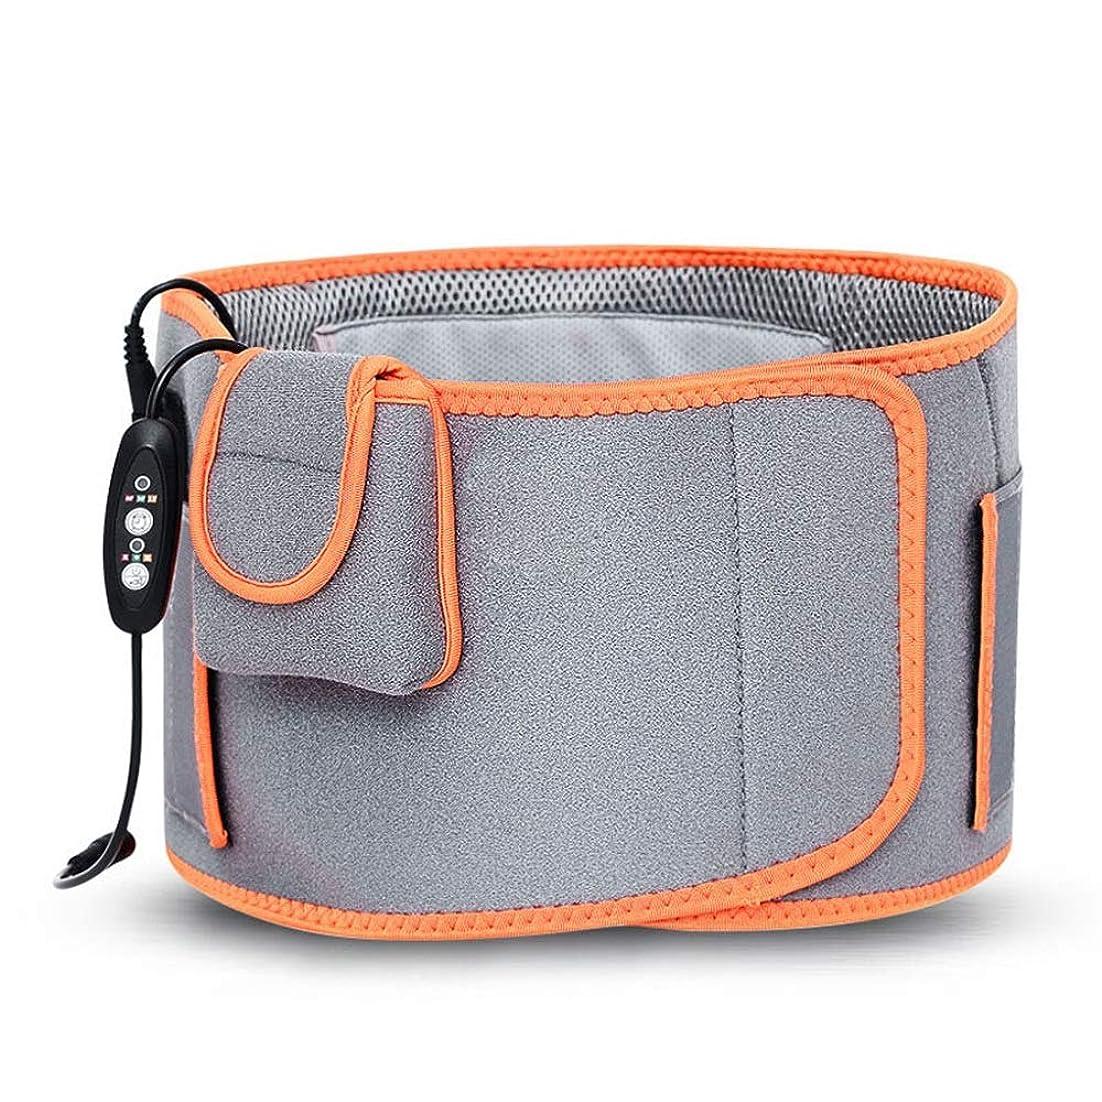 レッスン相対サイズ願うウエスト暖房パッドヒートセラピーラップ温湿布のために腰のけいれんの痛みを軽減する傷害の回復 腰痛保護バンド (色 : グレー, サイズ : FREE SIZE)